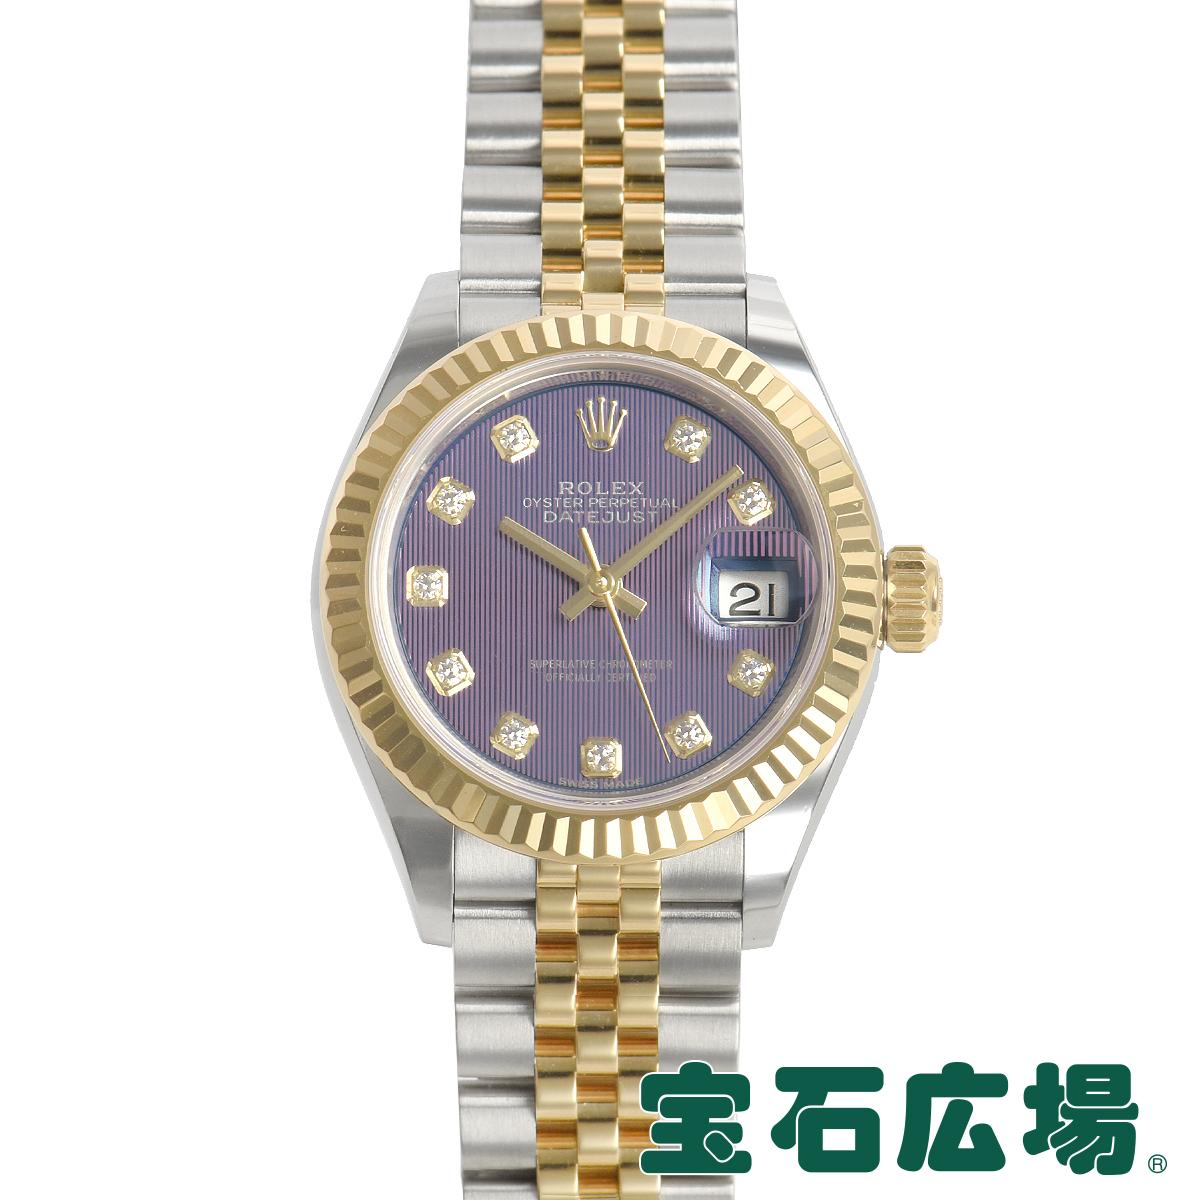 ロレックス ROLEX レディ デイトジャスト28 279173G【中古】レディース 腕時計 送料・代引手数料無料